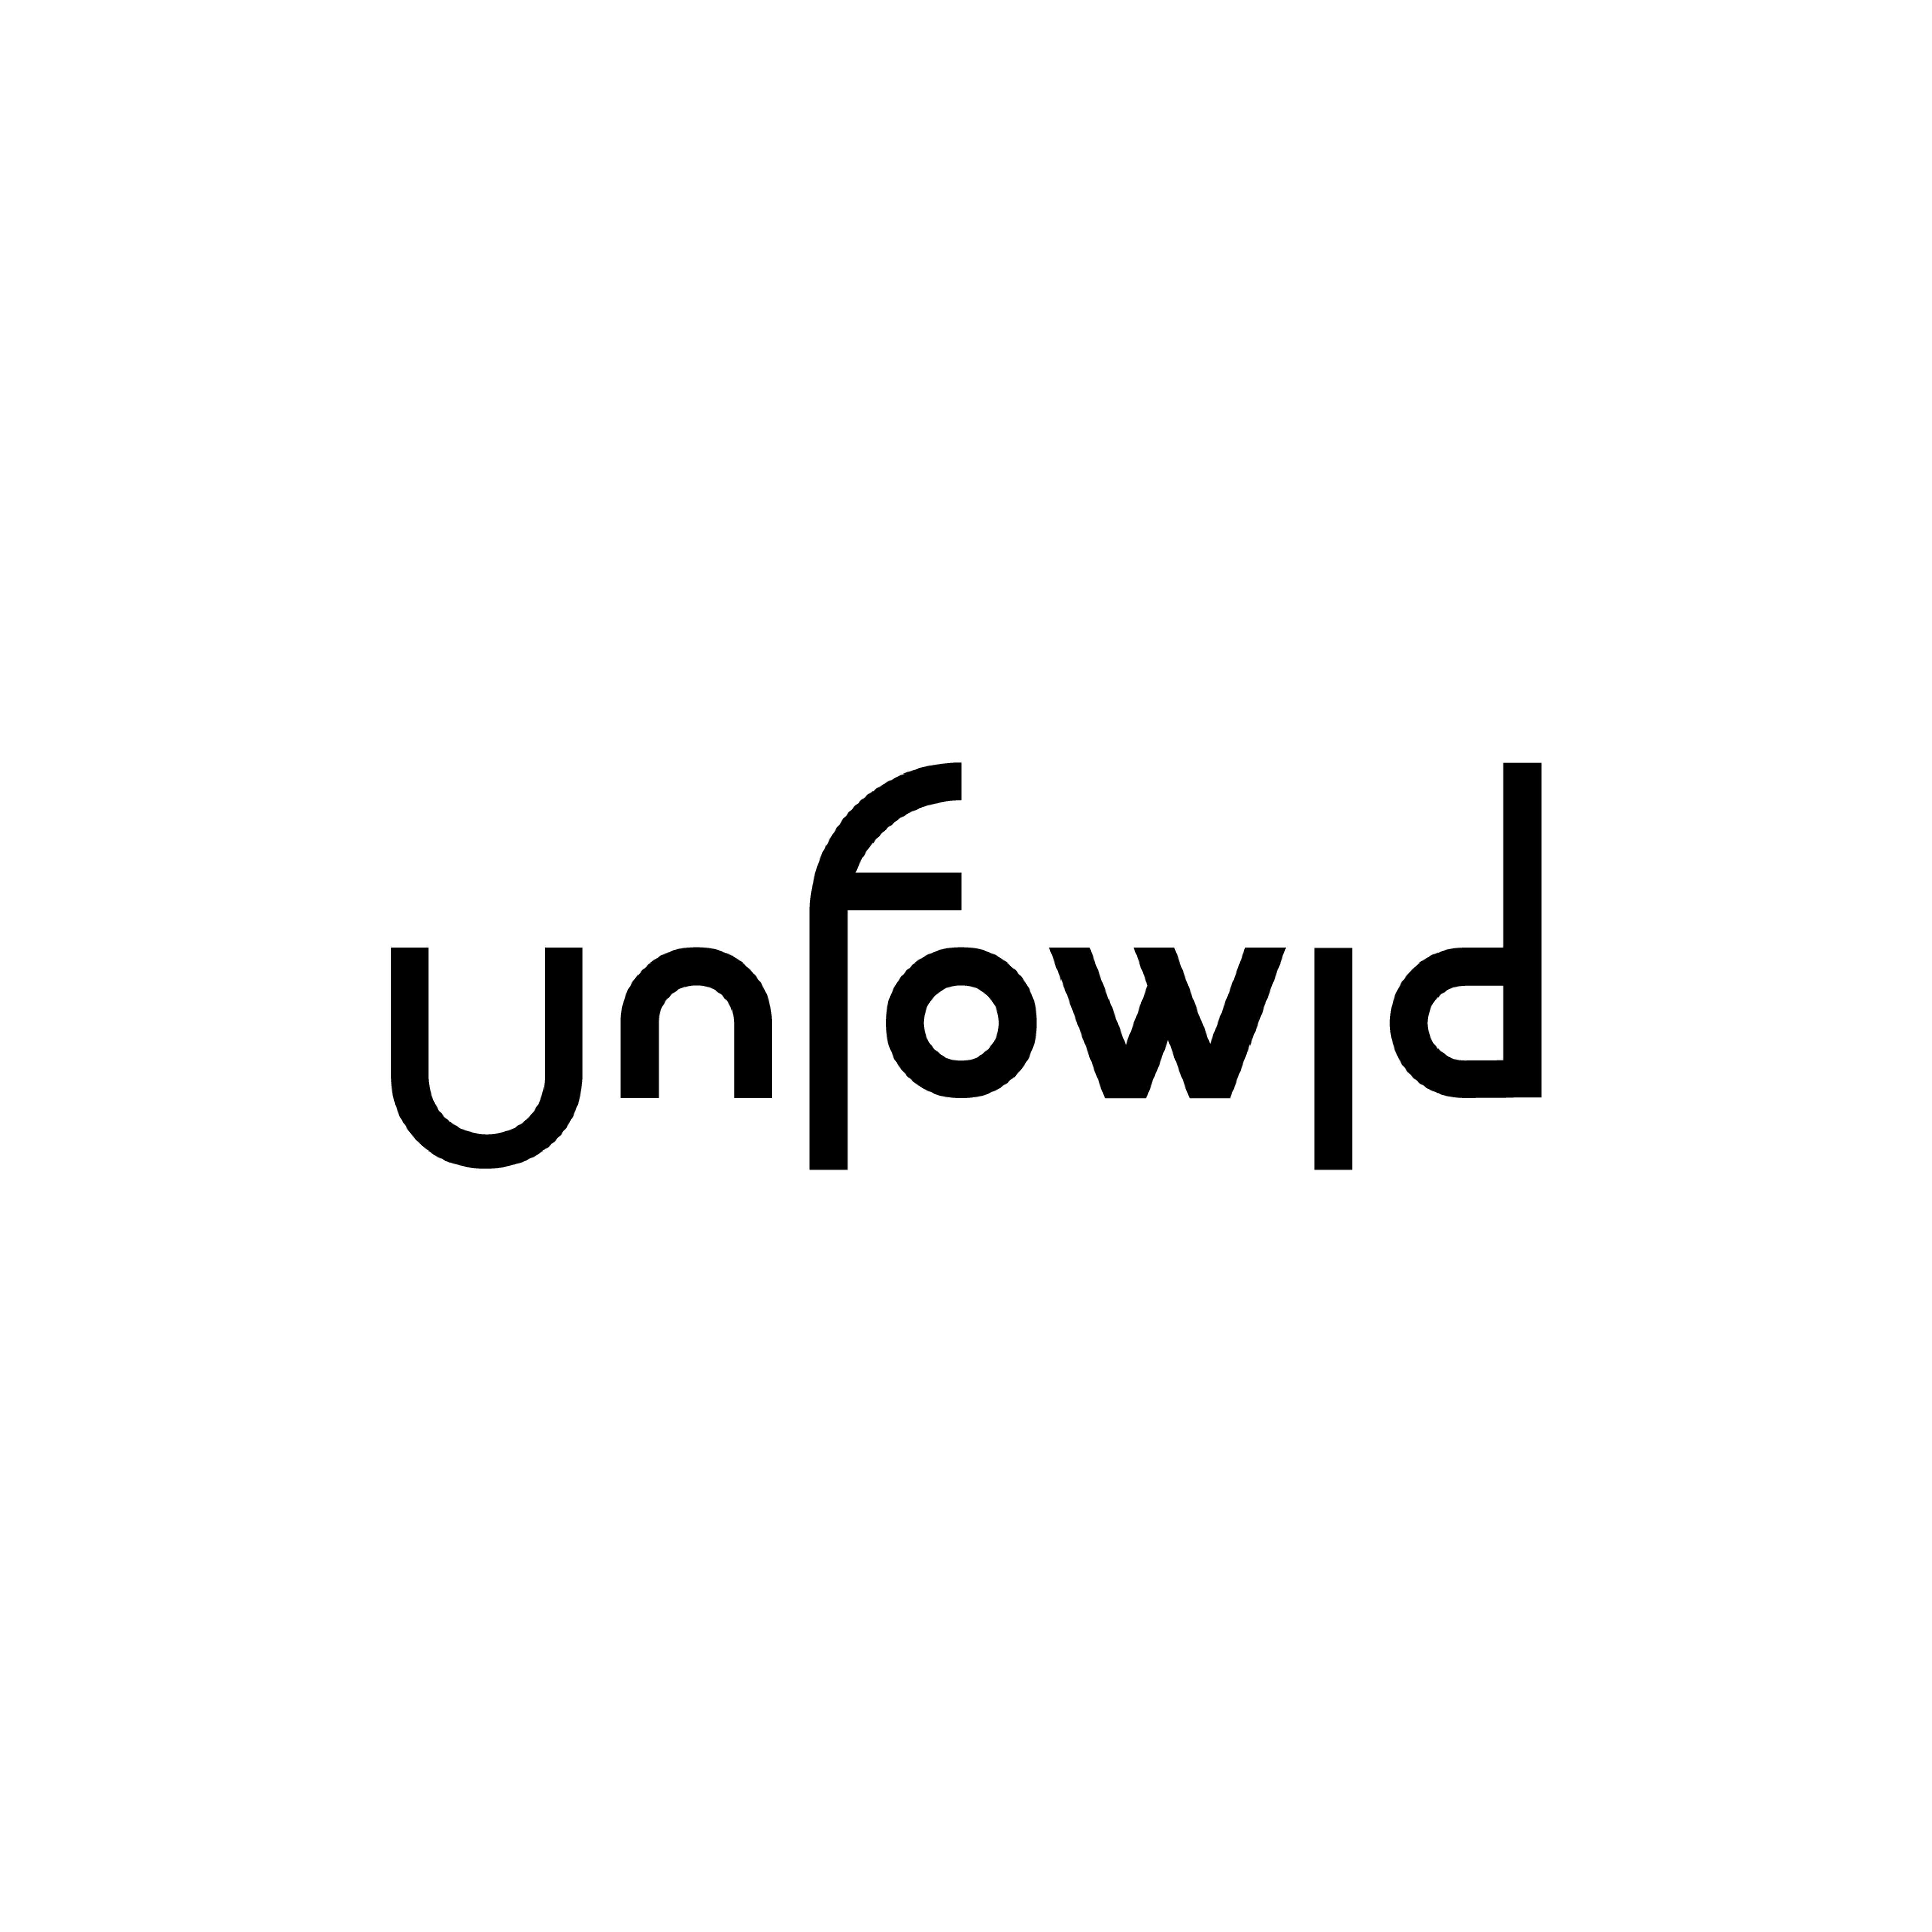 Unfowldのロゴ写真